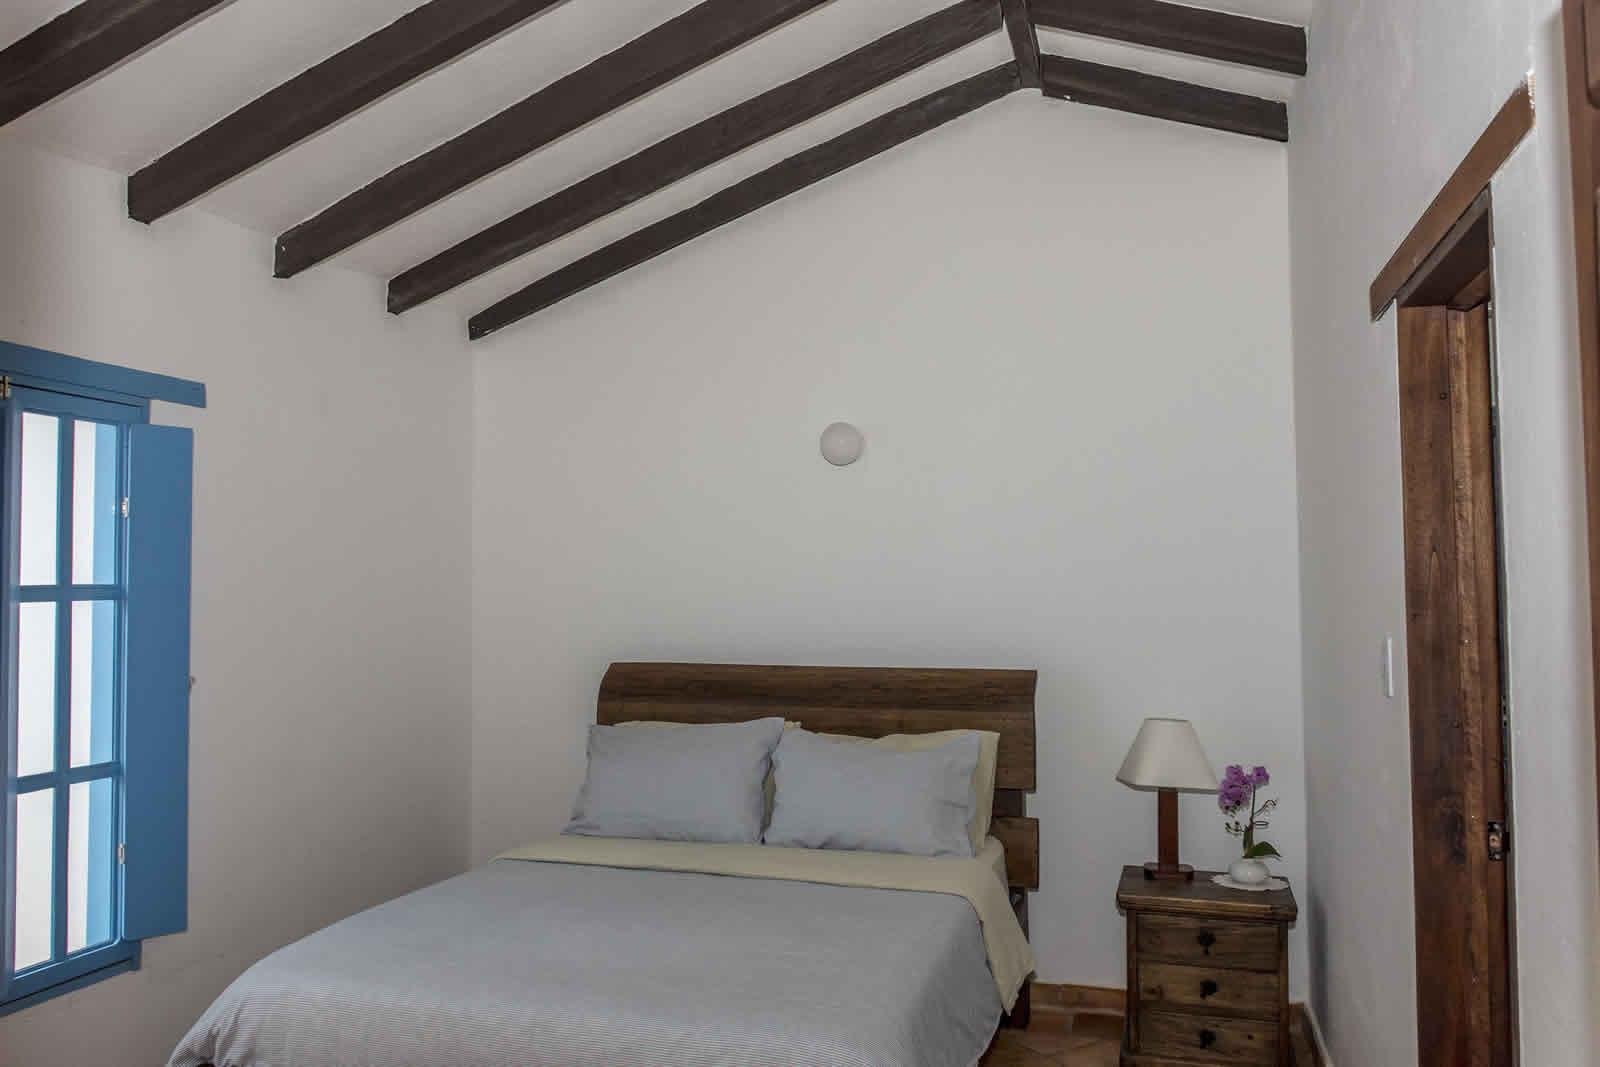 Alquiler Casa Azul en Villa de Leyva Escalera habitación 4